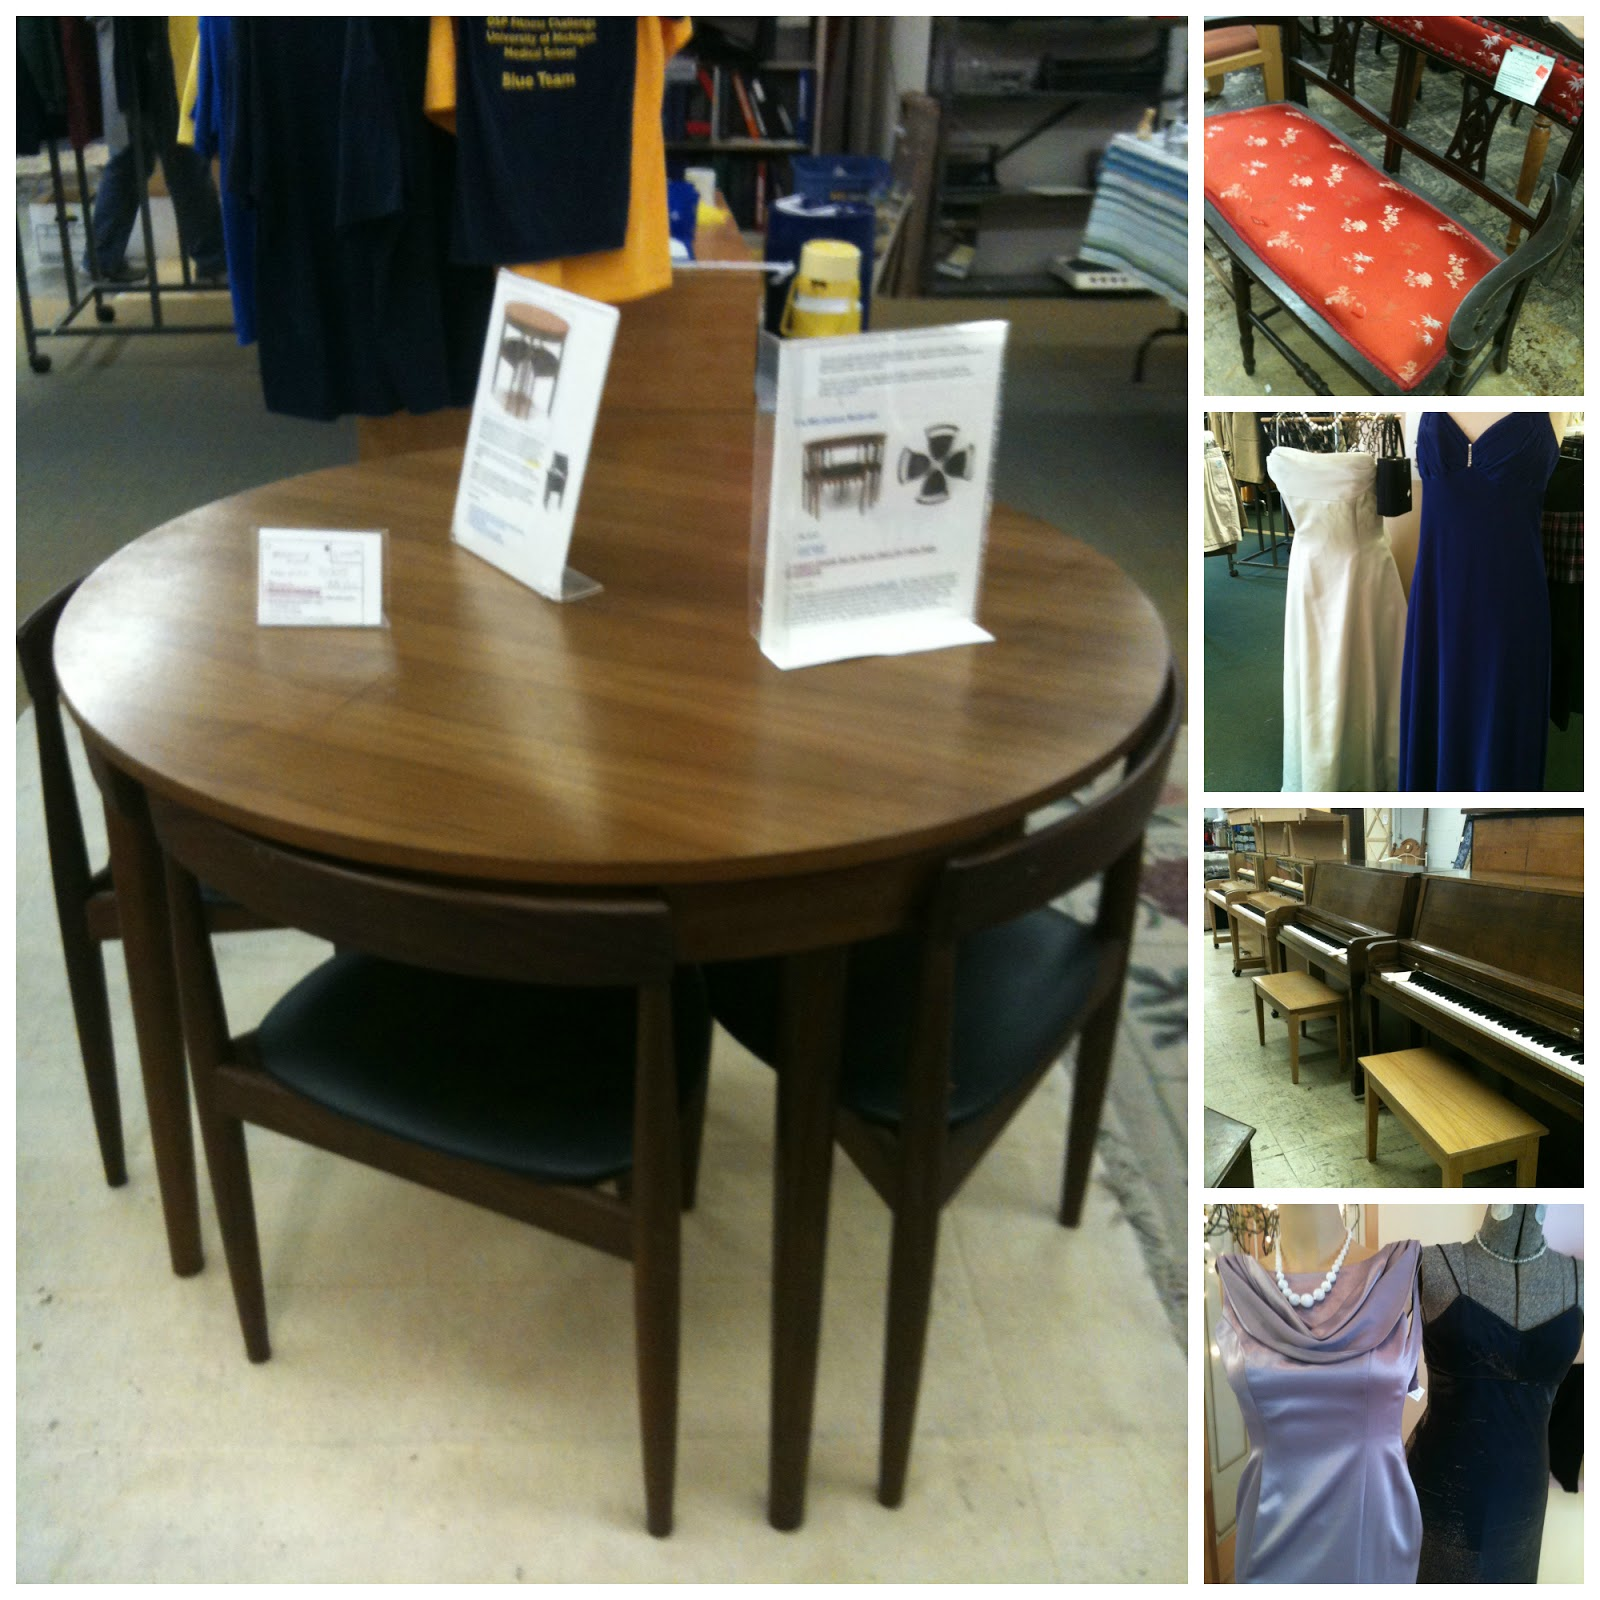 Good Shops Ann Arbor Pto Thrift Shop Brooke Romney Writes